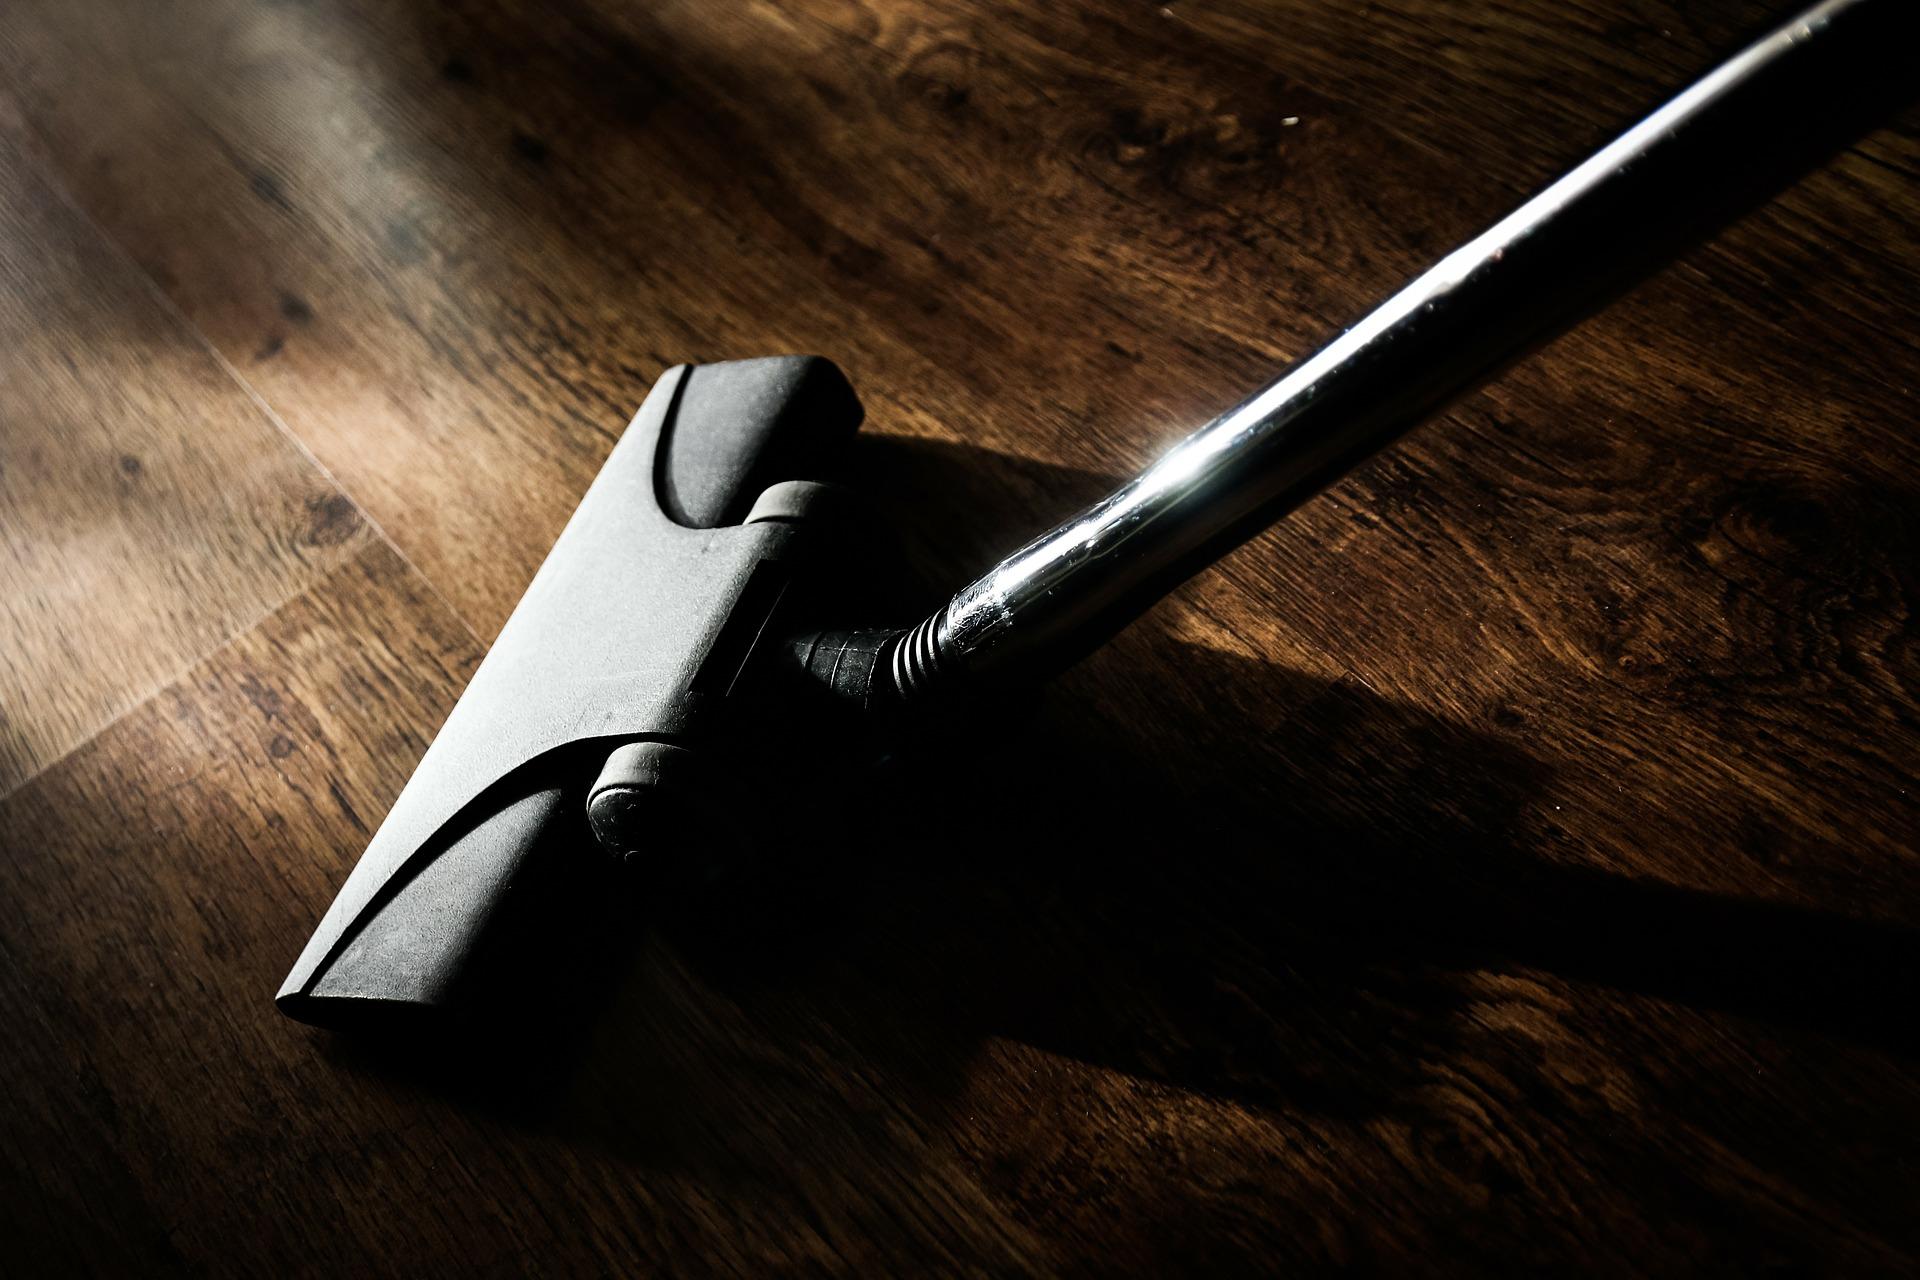 vacuum-cleaner-268161_1920 (1)